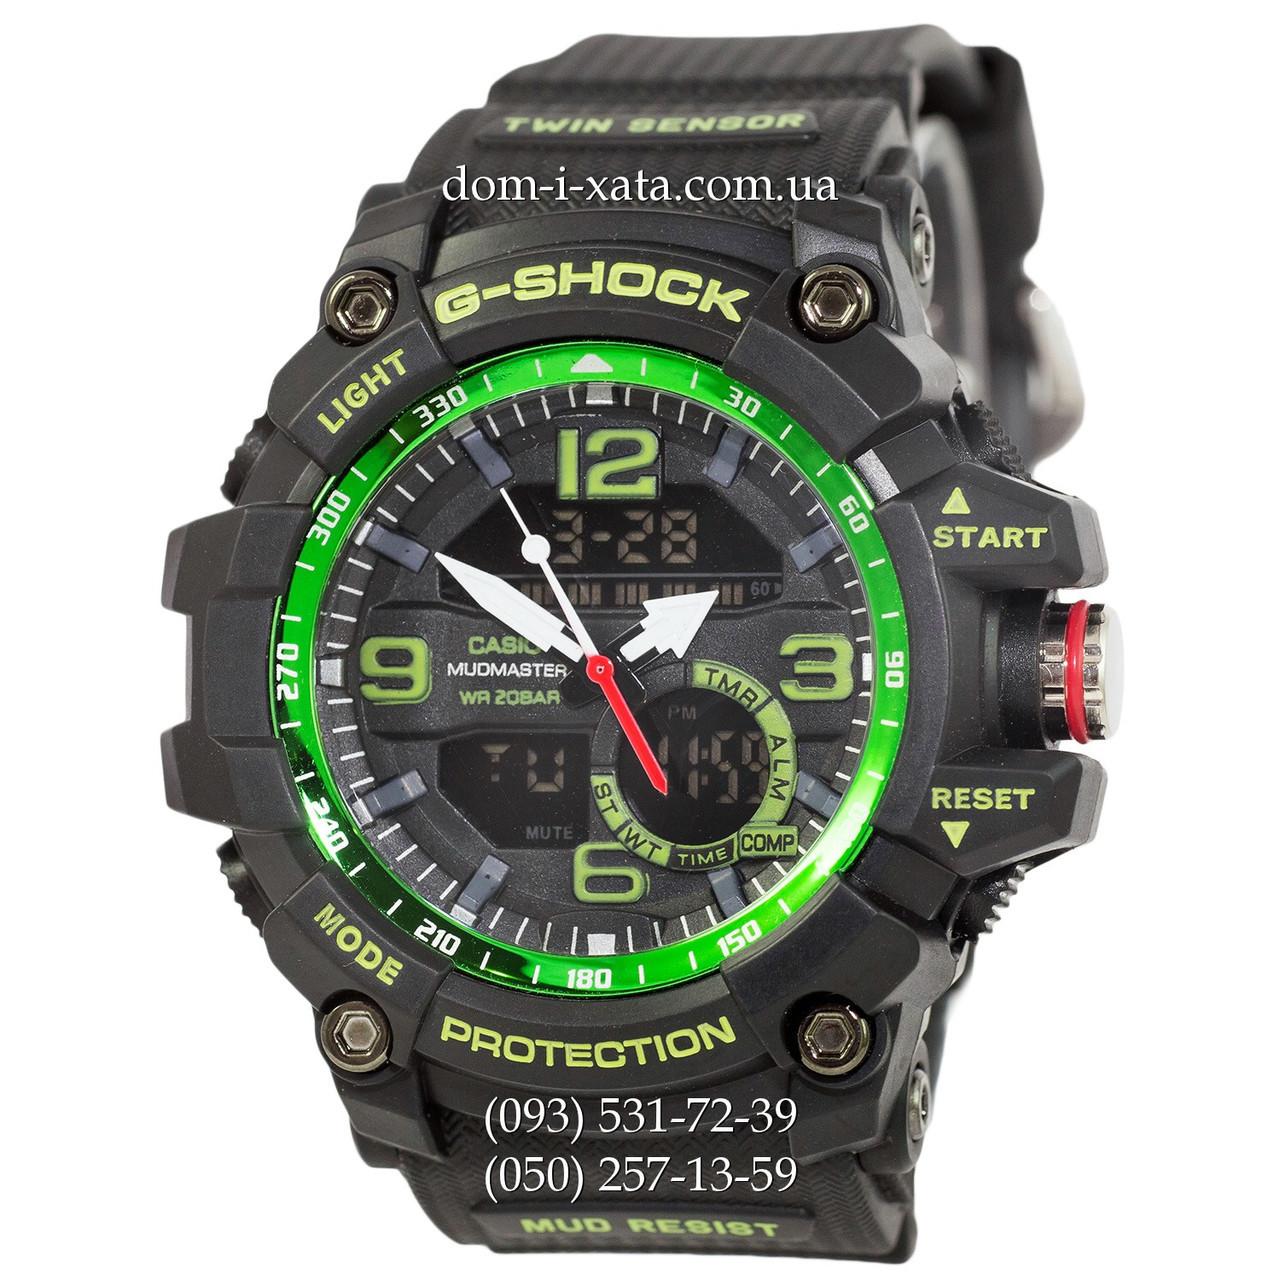 Электронные часы Casio G-Shock GG-1000 Black-Green, спортивные часы Джи Шок черный, реплика отличное качество!